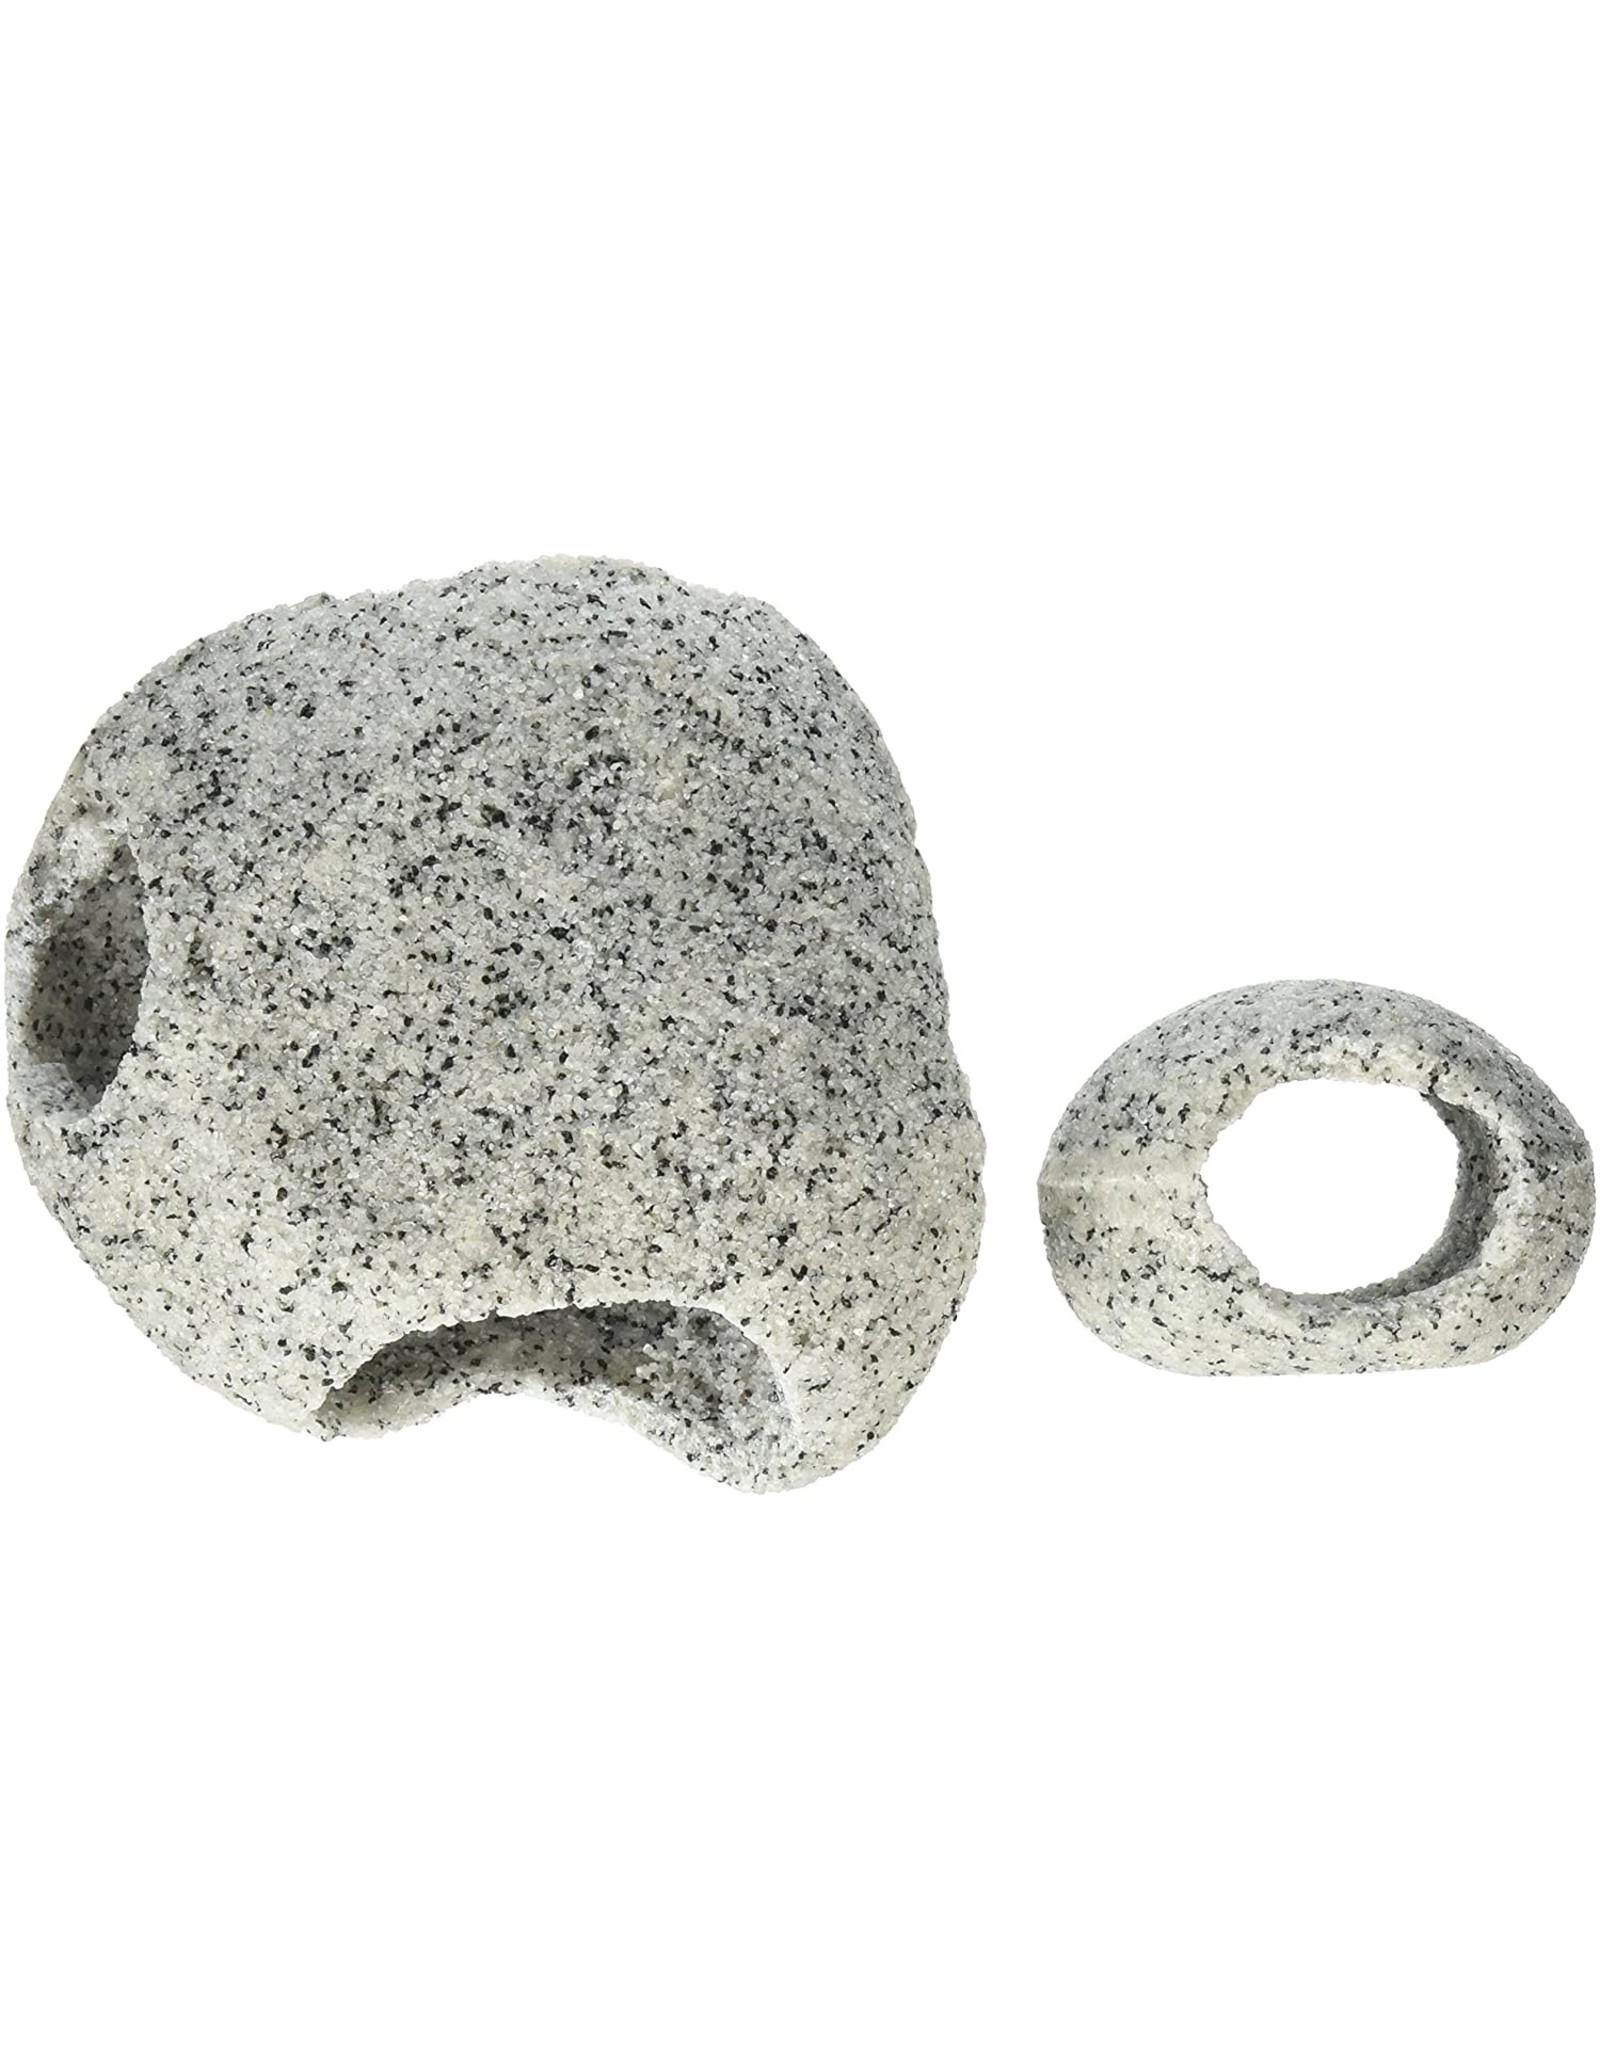 Penn Plax PENN PLAX Granite Stone Hideaway